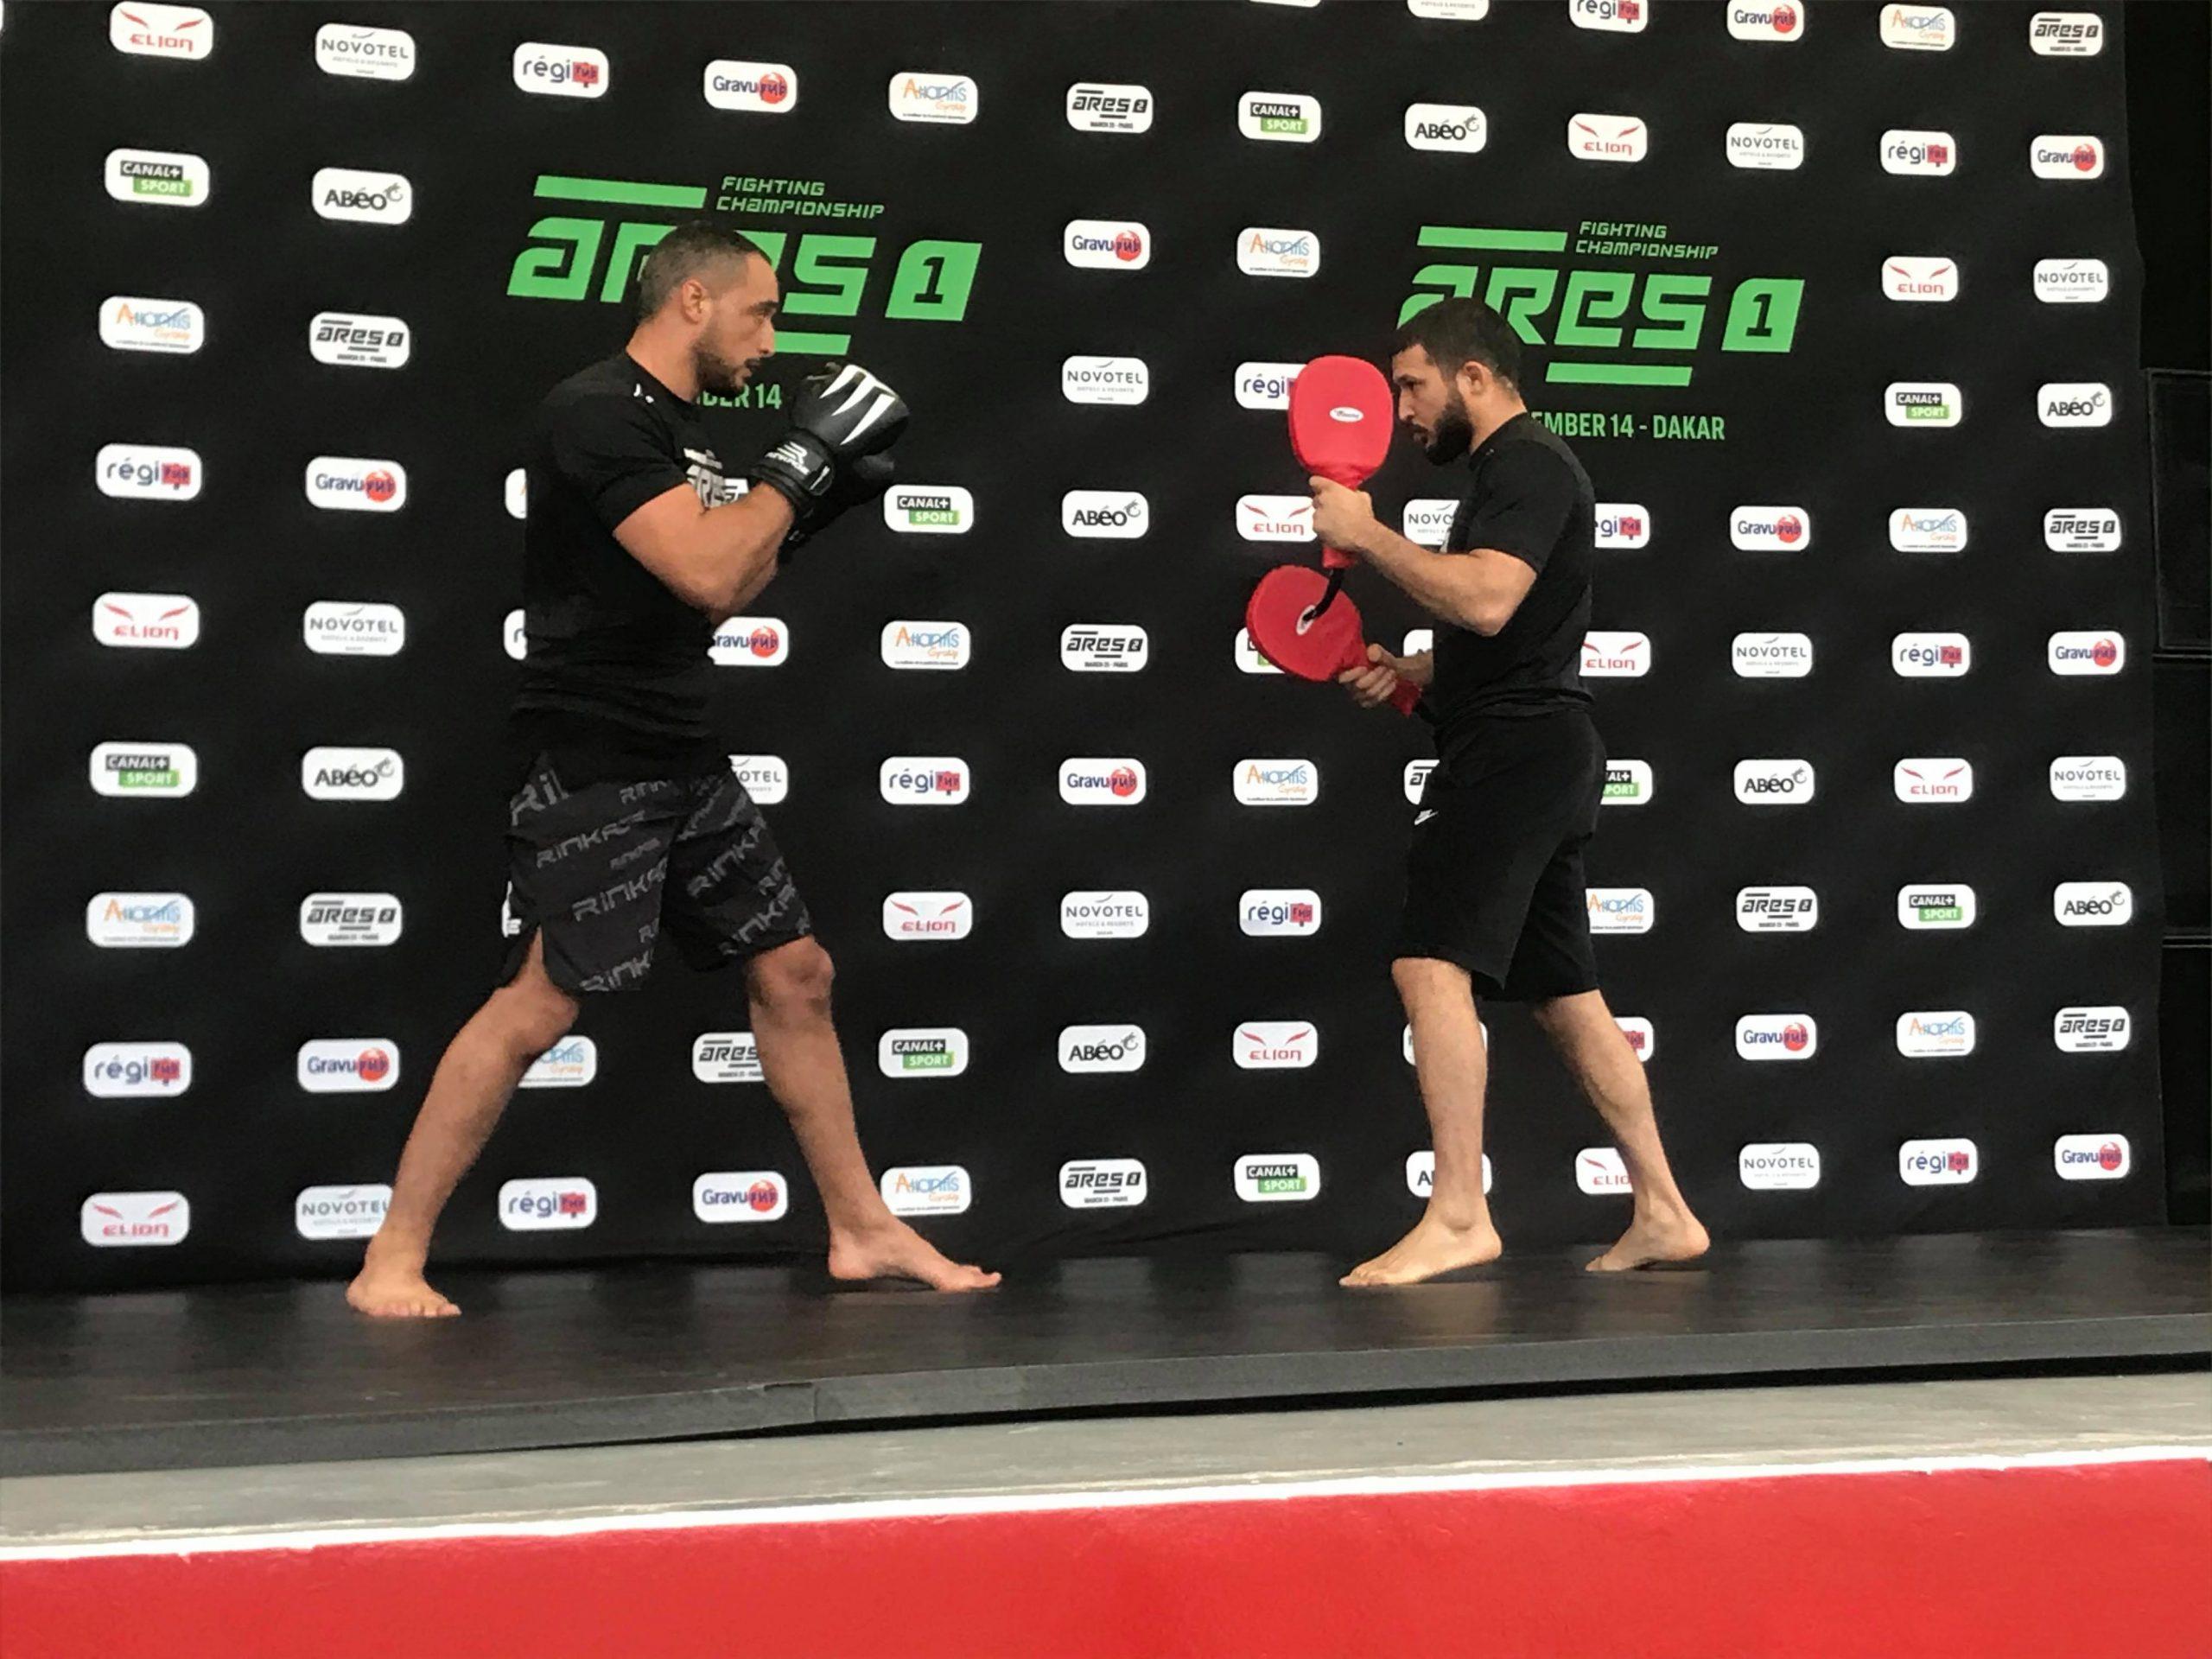 80002404 527678214484818 6417085021768646656 n scaled - MMA : Reug Reug et son adversaire Sofiane, présentés au public (13 Photos)